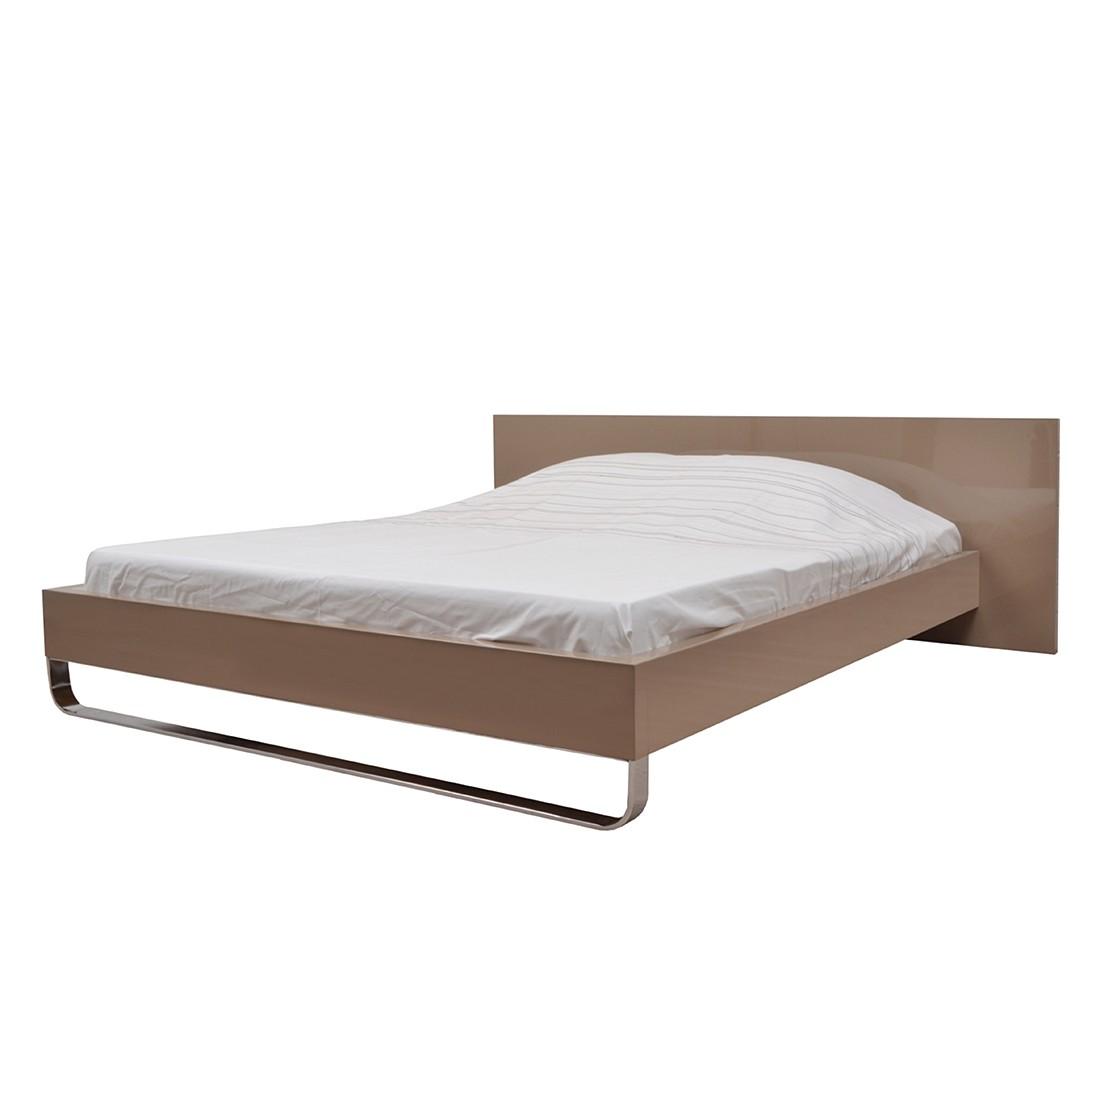 folldal structure lit t te de lit souple confortable pour lire ou pictures to pin on pinterest. Black Bedroom Furniture Sets. Home Design Ideas